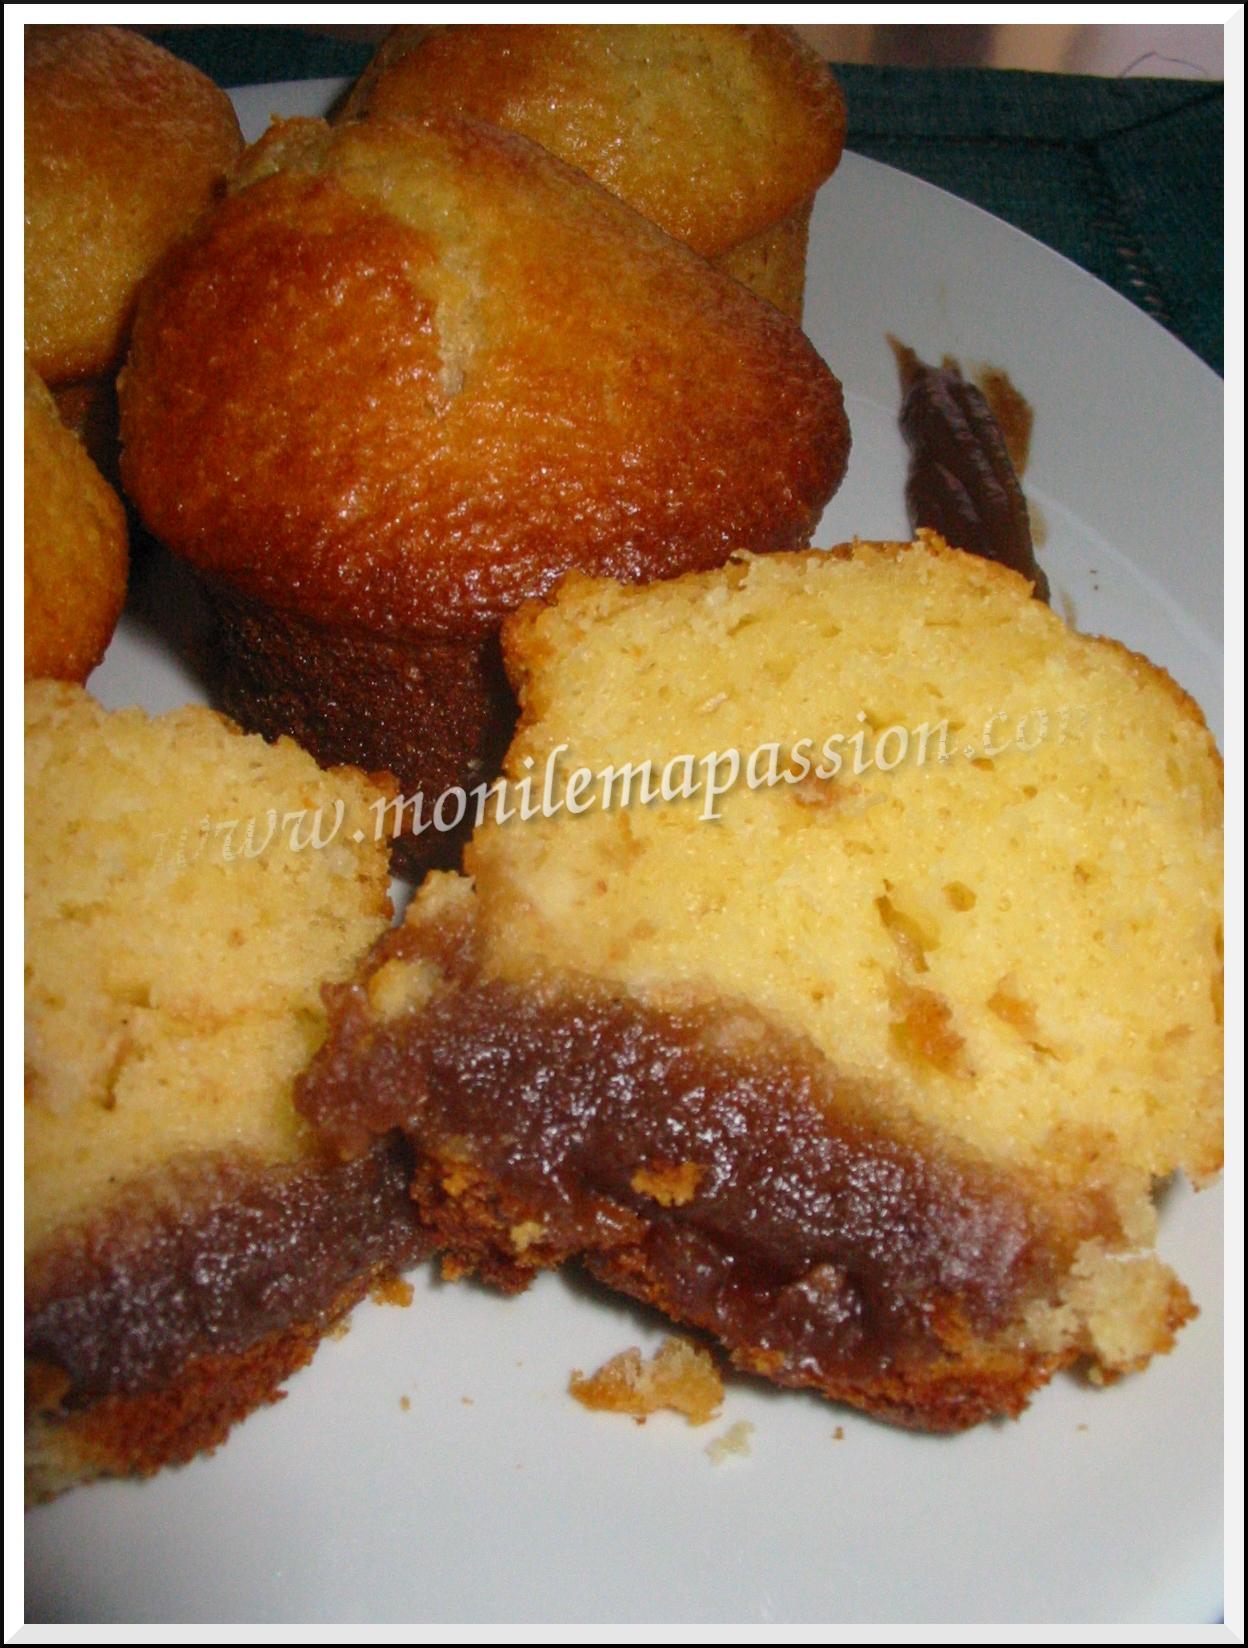 Bouchées moelleuses au yaourt & crème de marrons